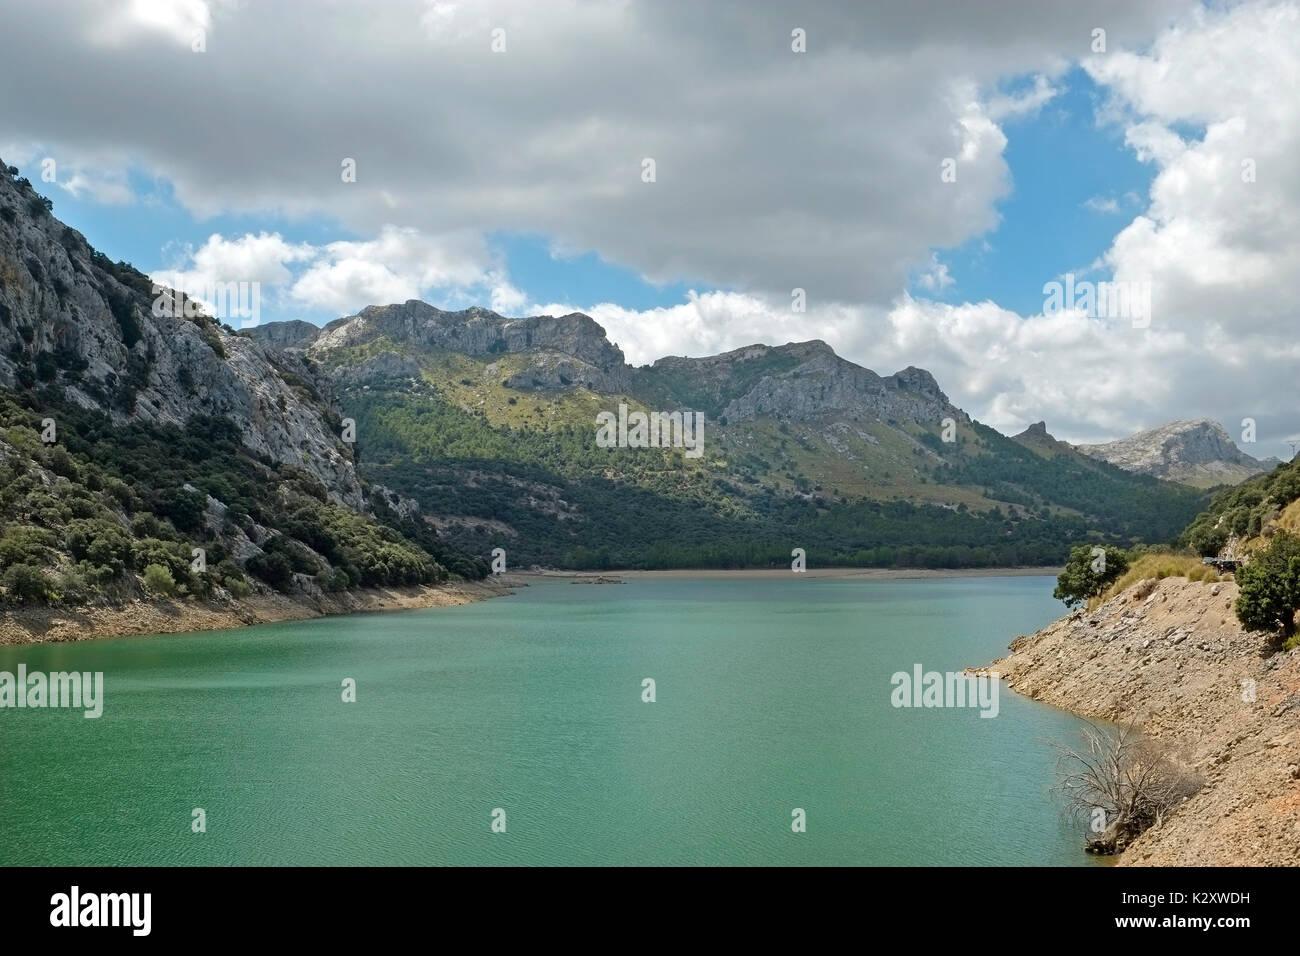 Embassament de Cuber Balearic Island Majorca Spain, Espana EU European Union Europe - Stock Image